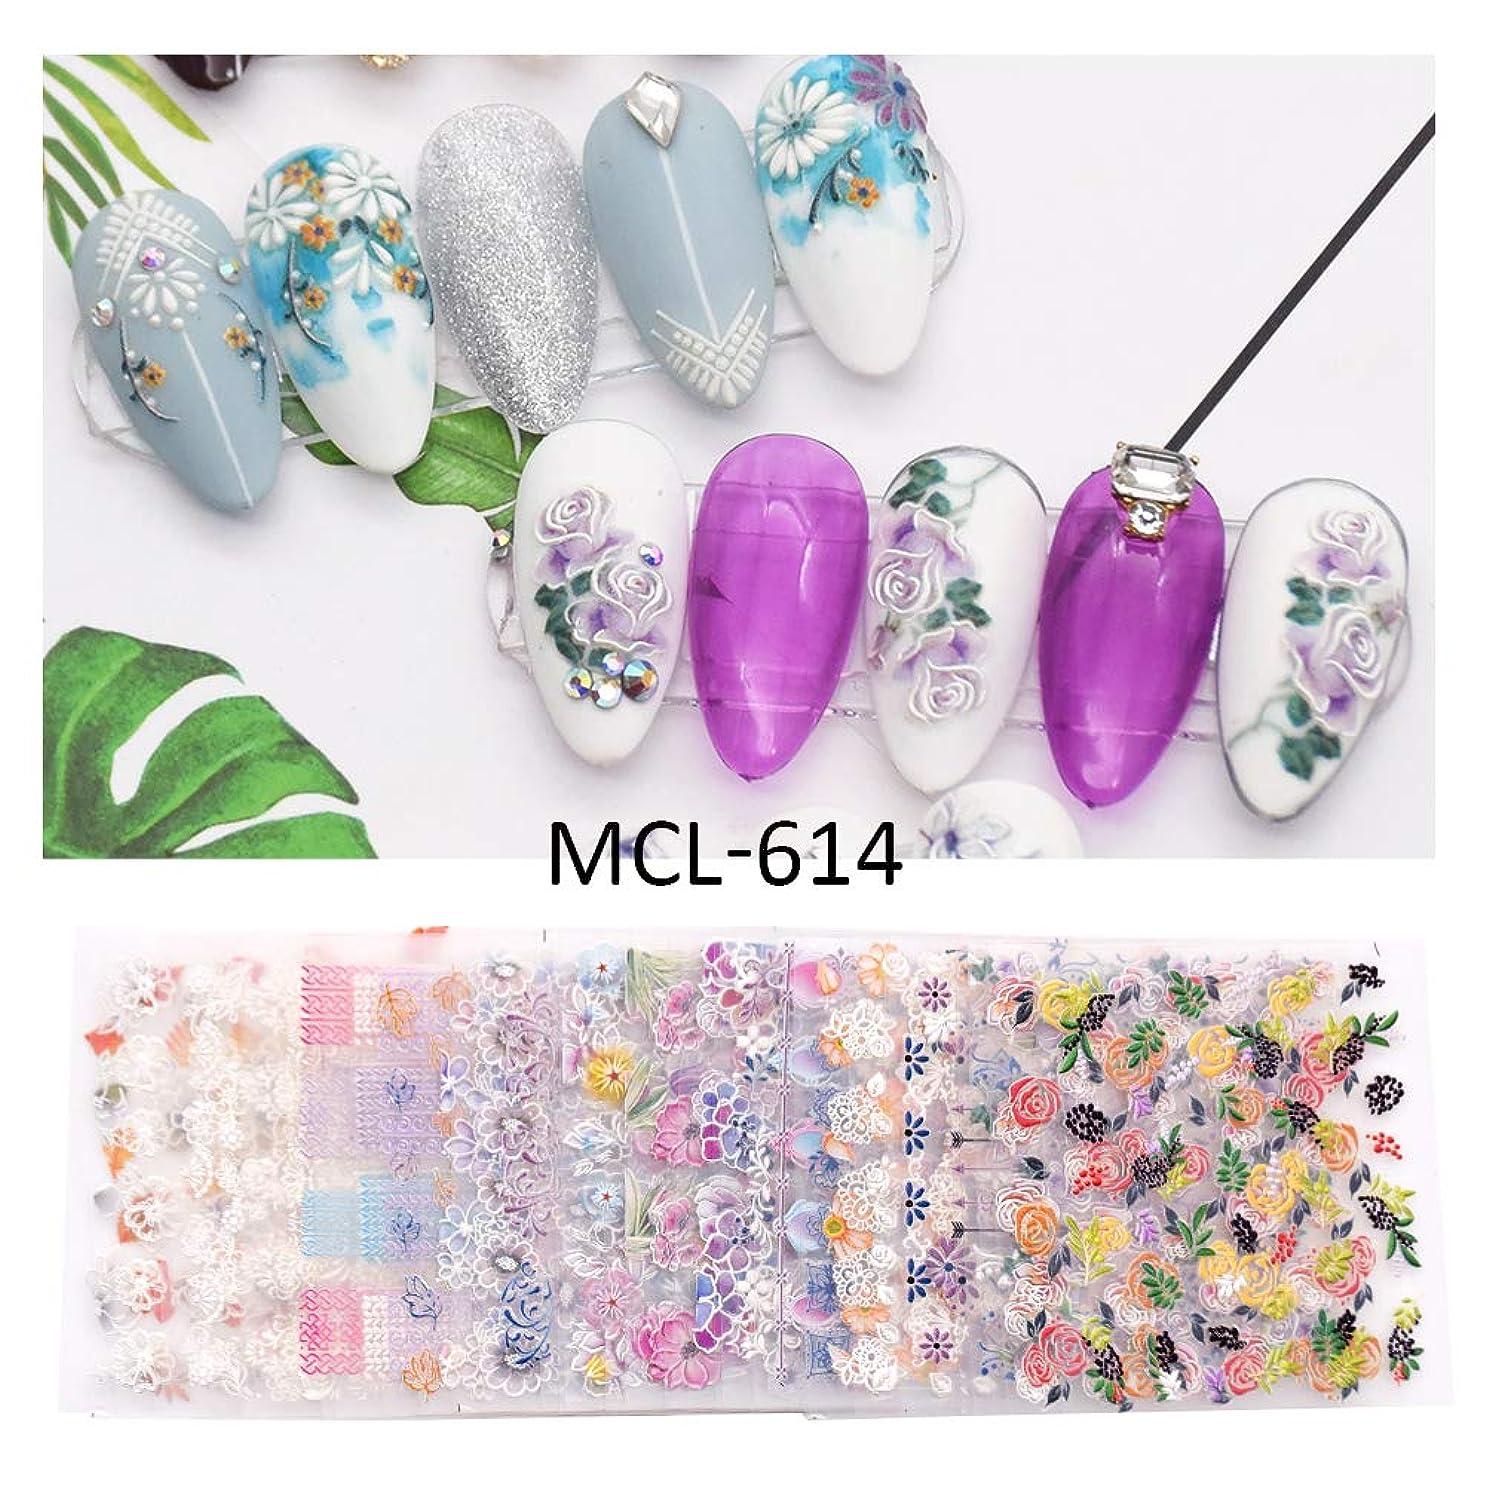 メーリンドス レリーフネイルシール 3Dネイルシールステッカー エンボスネイルフラワー花柄 貼るだけネイルパーツ 立体アートシール 45種 選択可能 4本セット (37-40)